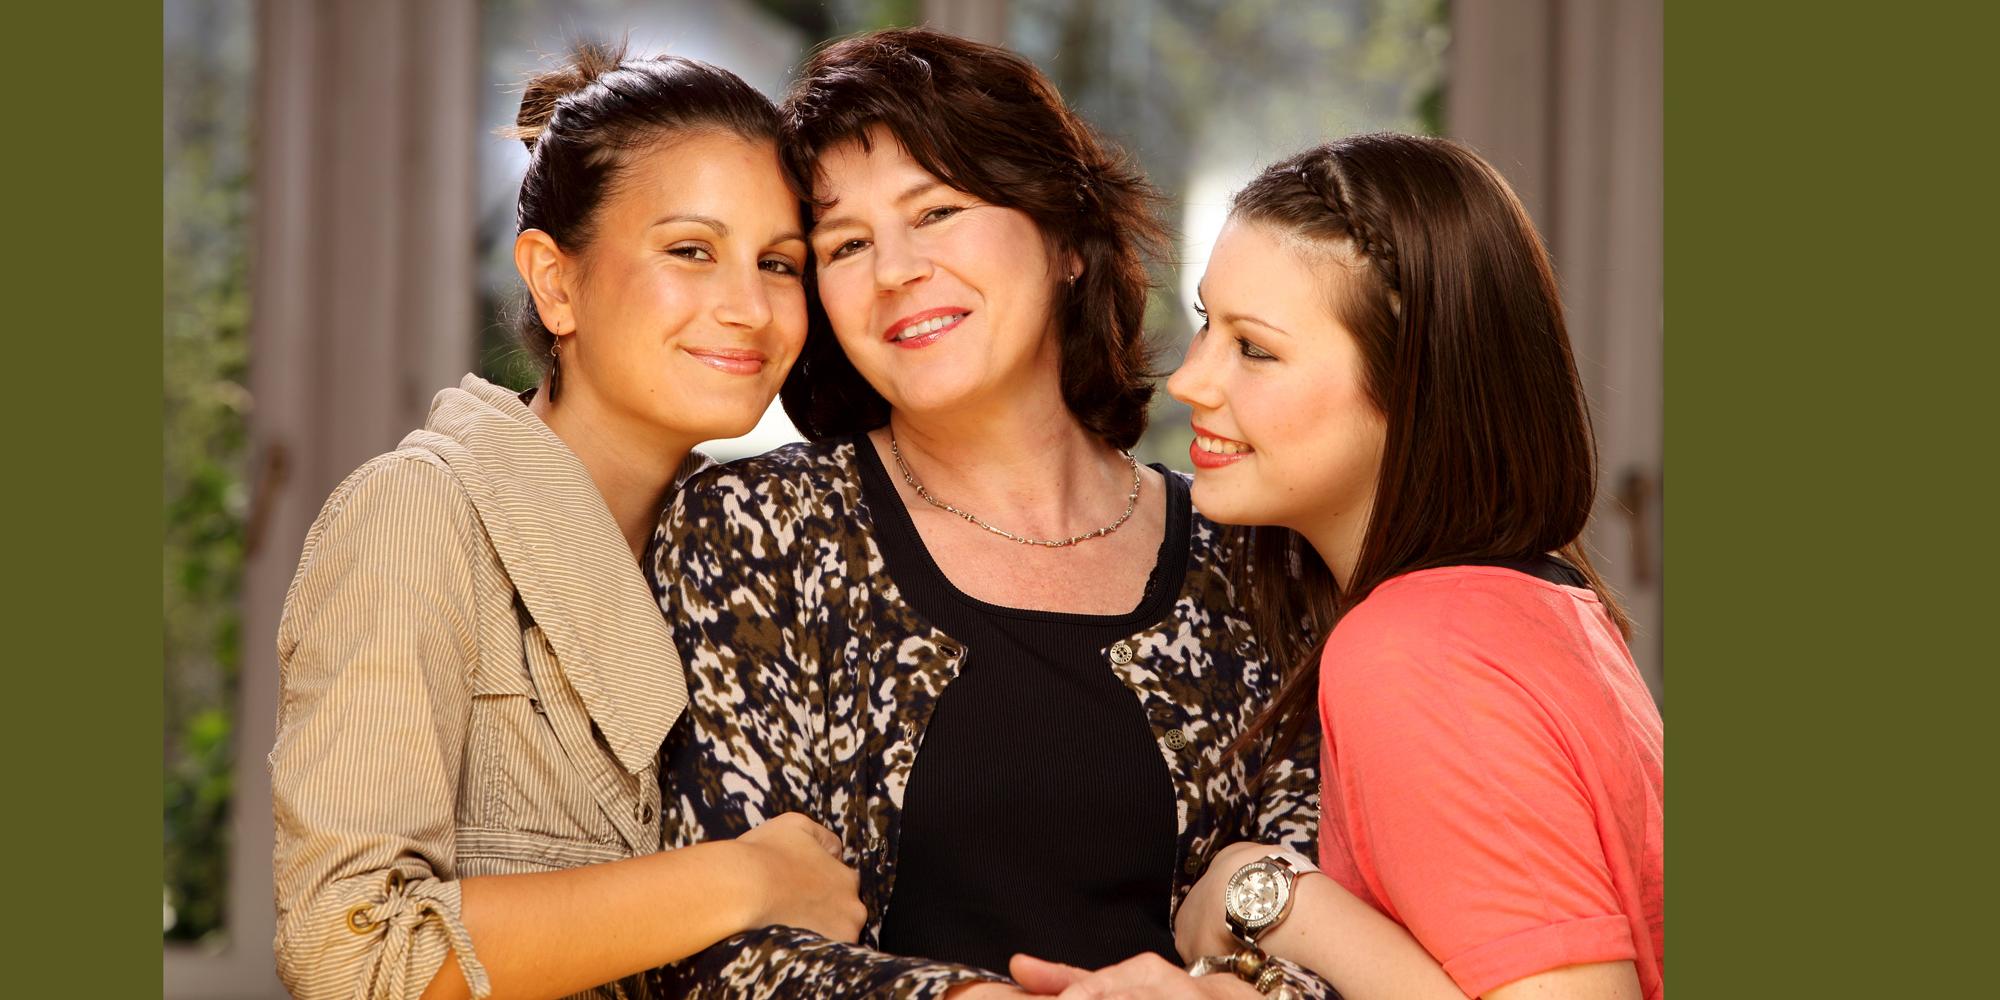 Familien Portrait einer älteren, dunkelhaarigen Frau, die lächelt und links und rechts von ihr sieht man zwei junge, freundlich schauende Frauen, die sich unter ihren Armen einhaken.